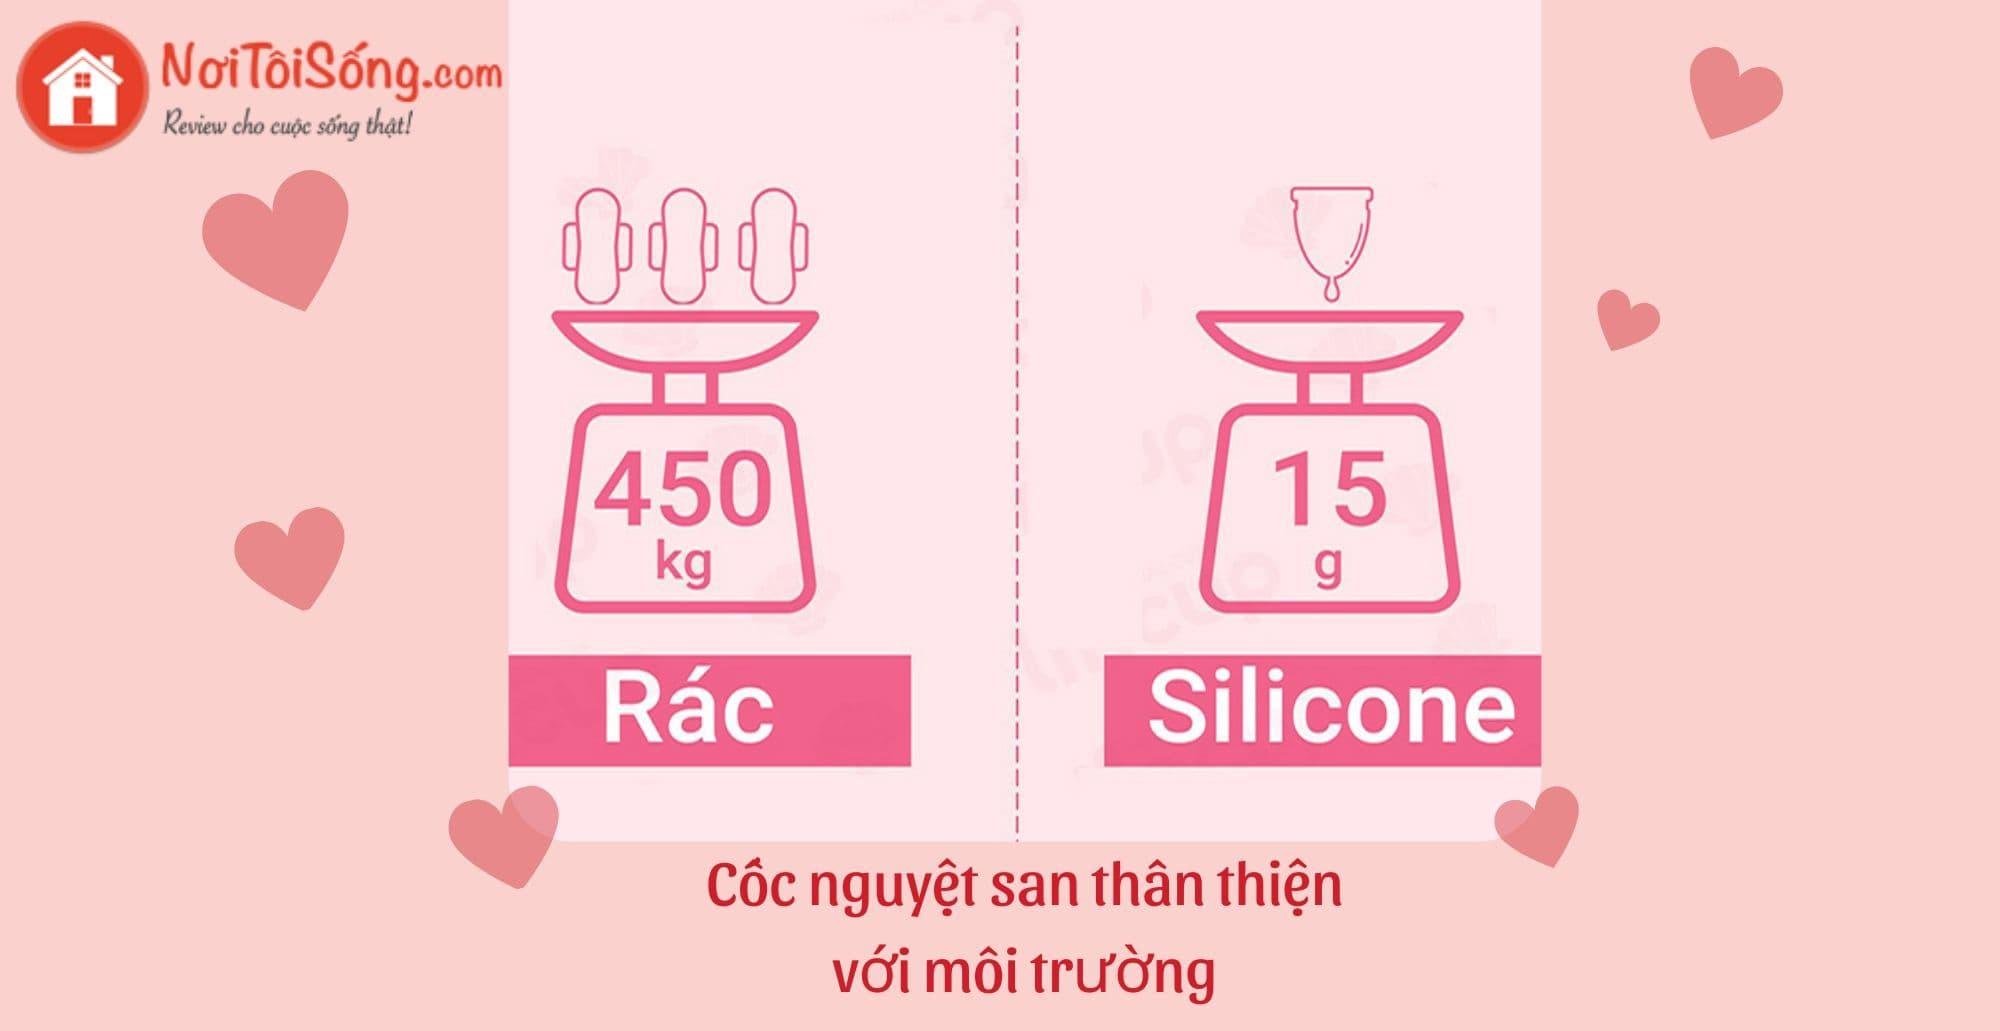 So sánh cốc nguyệt san và tampon, băng vệ sinh - Cái nào thân thiện với môi trường hơn?